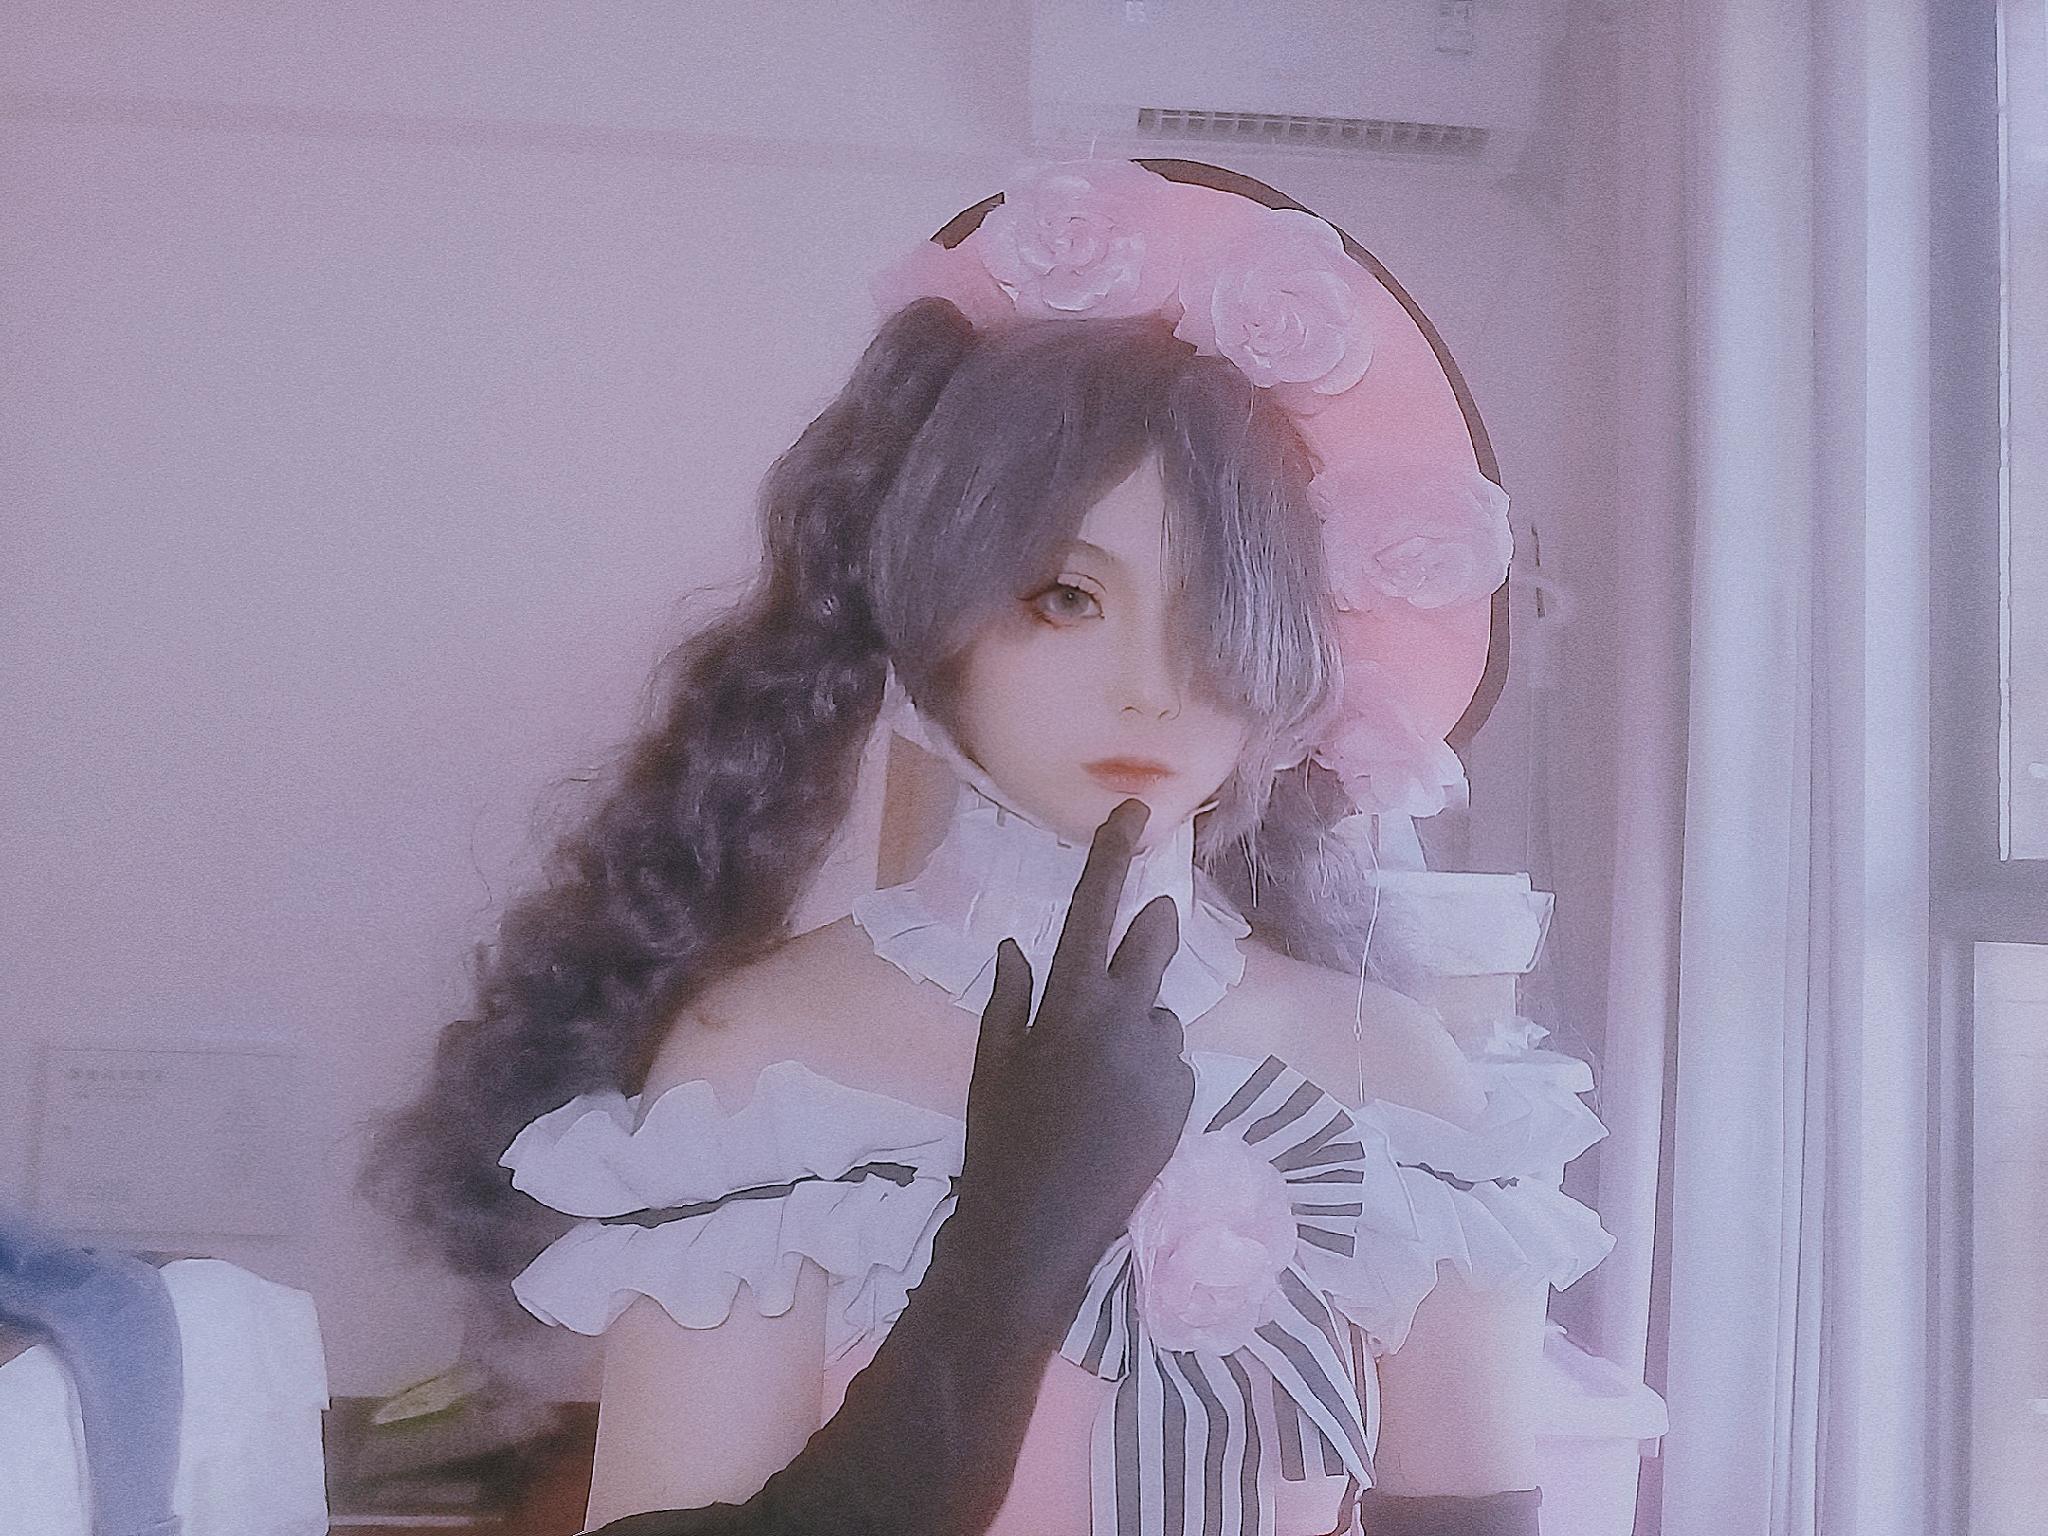 《黑执事》黑执事夏尔cosplay【CN:薯片今天喝可乐了吗】-第4张